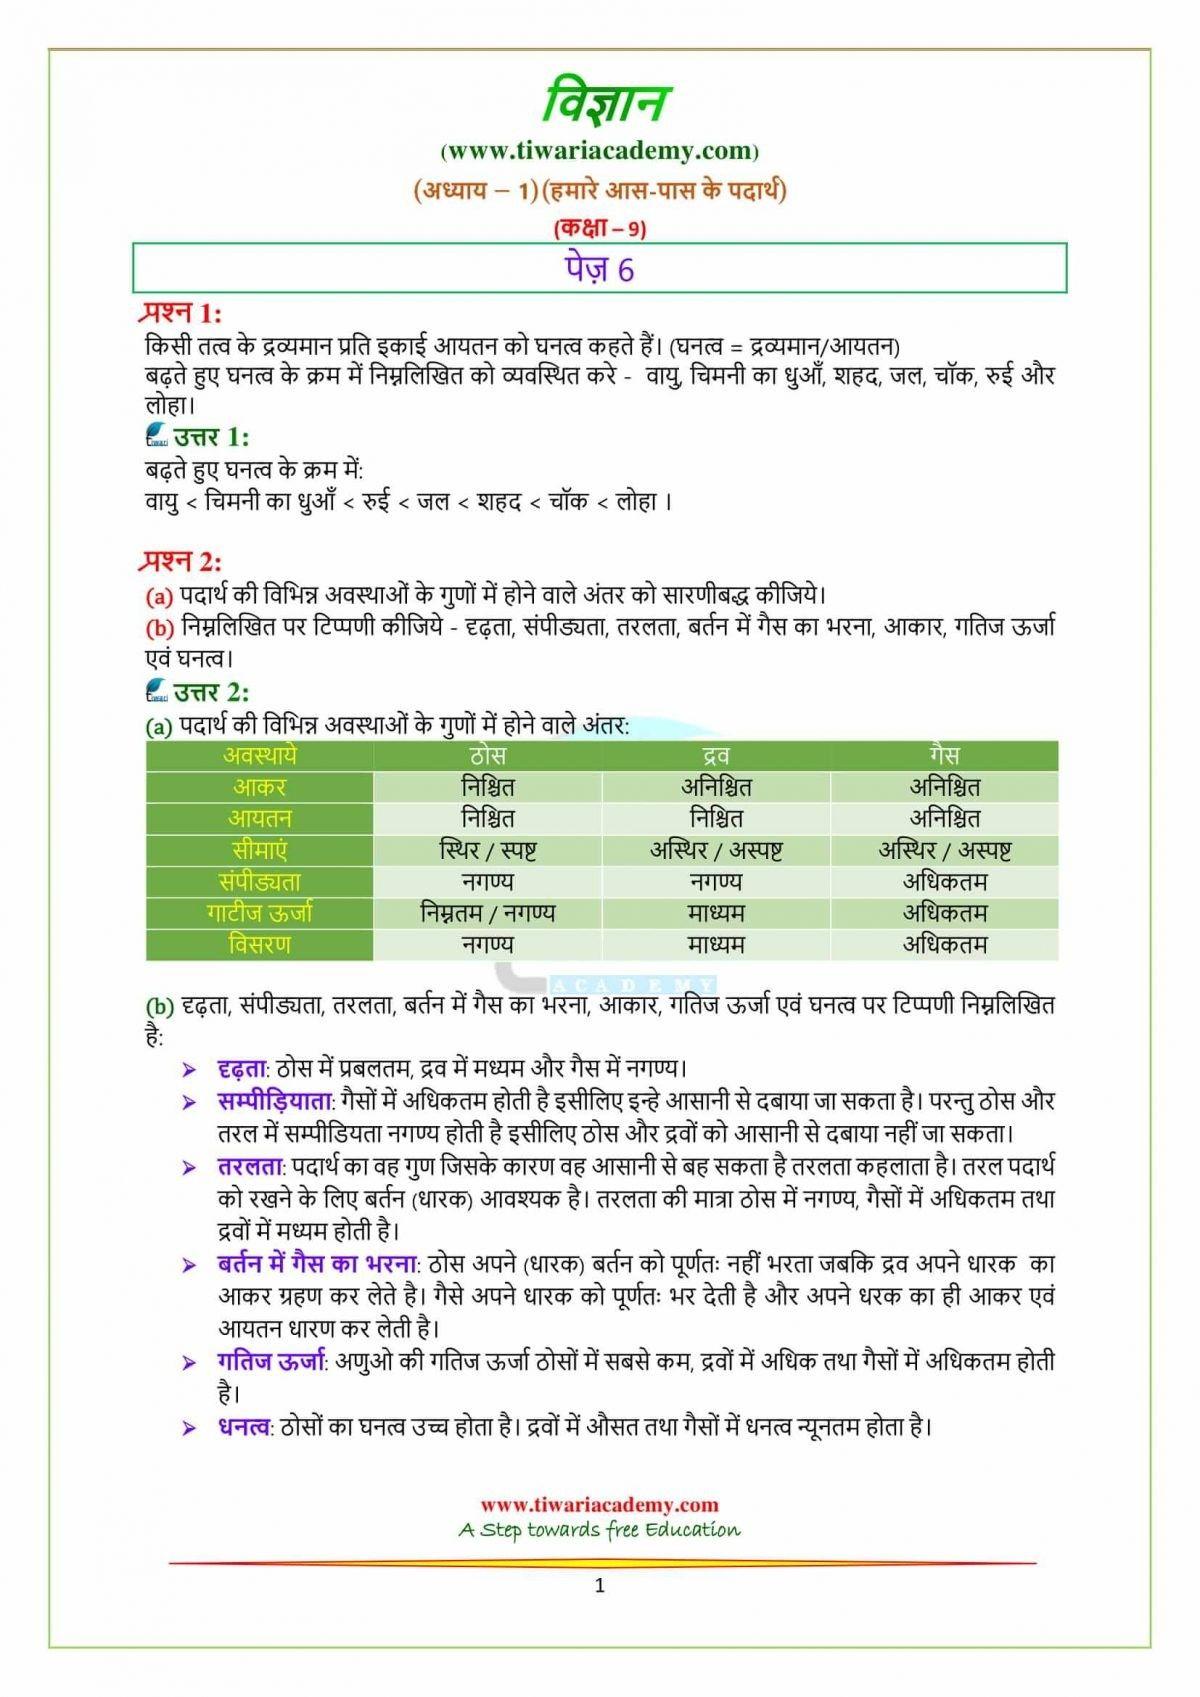 Tiwari Academy Class 12 Physics